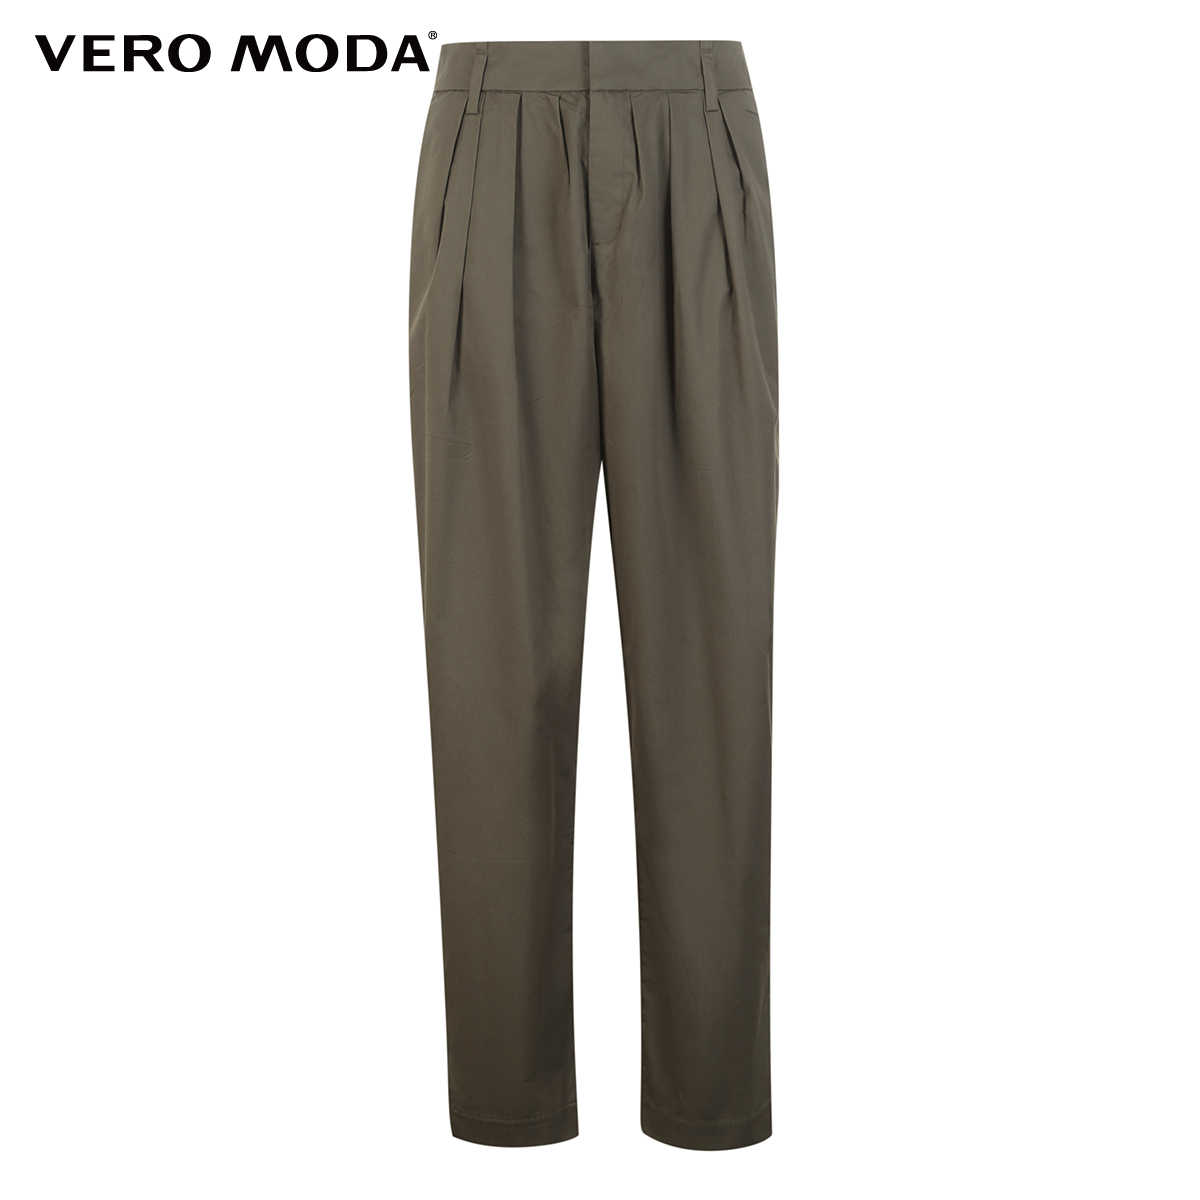 Vero Moda/Новые повседневные хлопковые укороченные брюки с высоким голенищем редиска   318250520